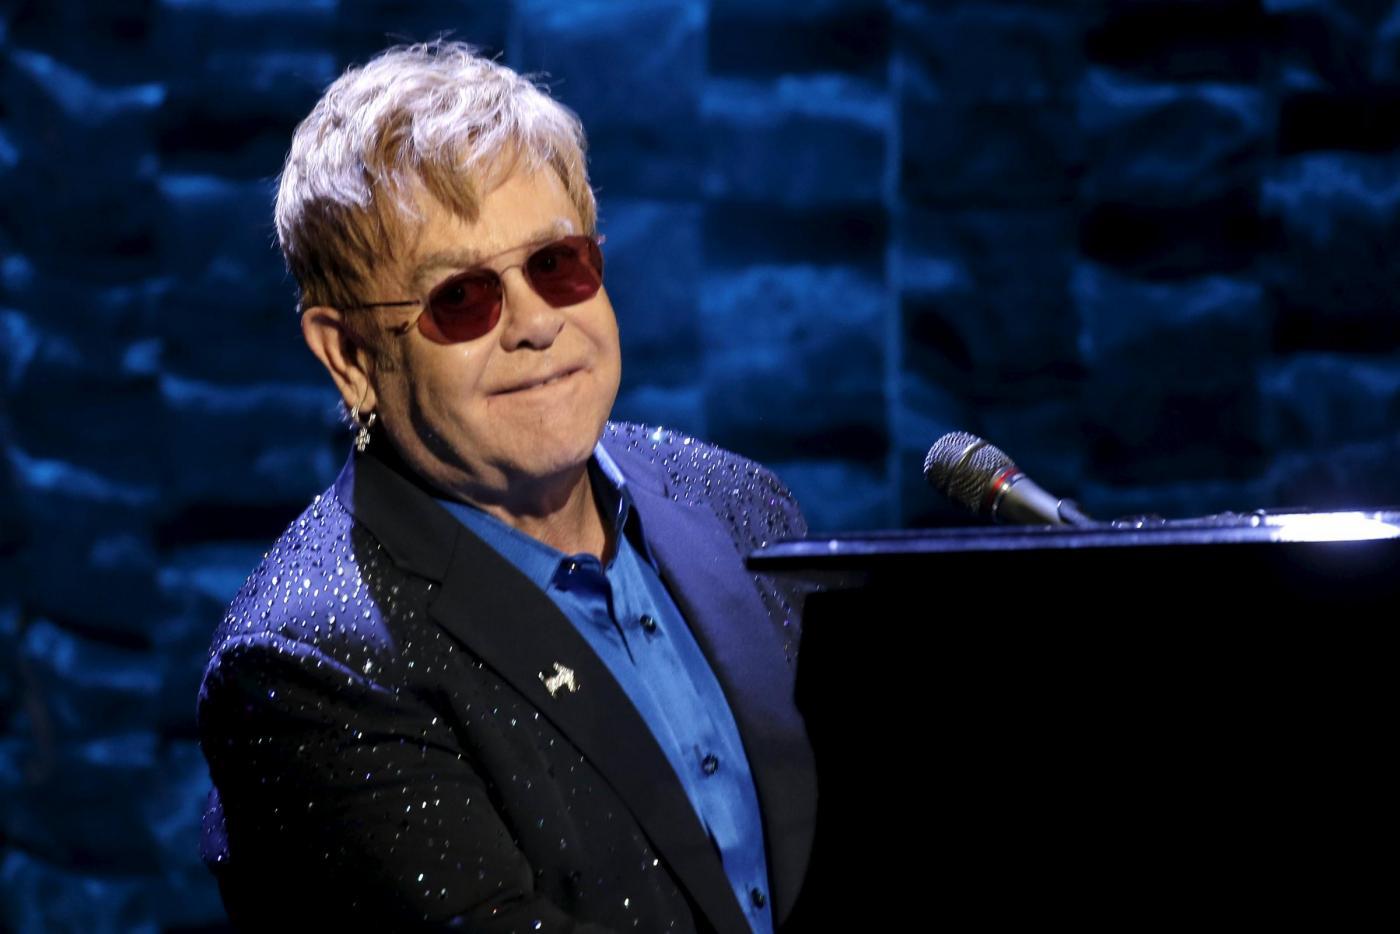 Elton John accusato di molestie dalla sua ex guardia del corpo